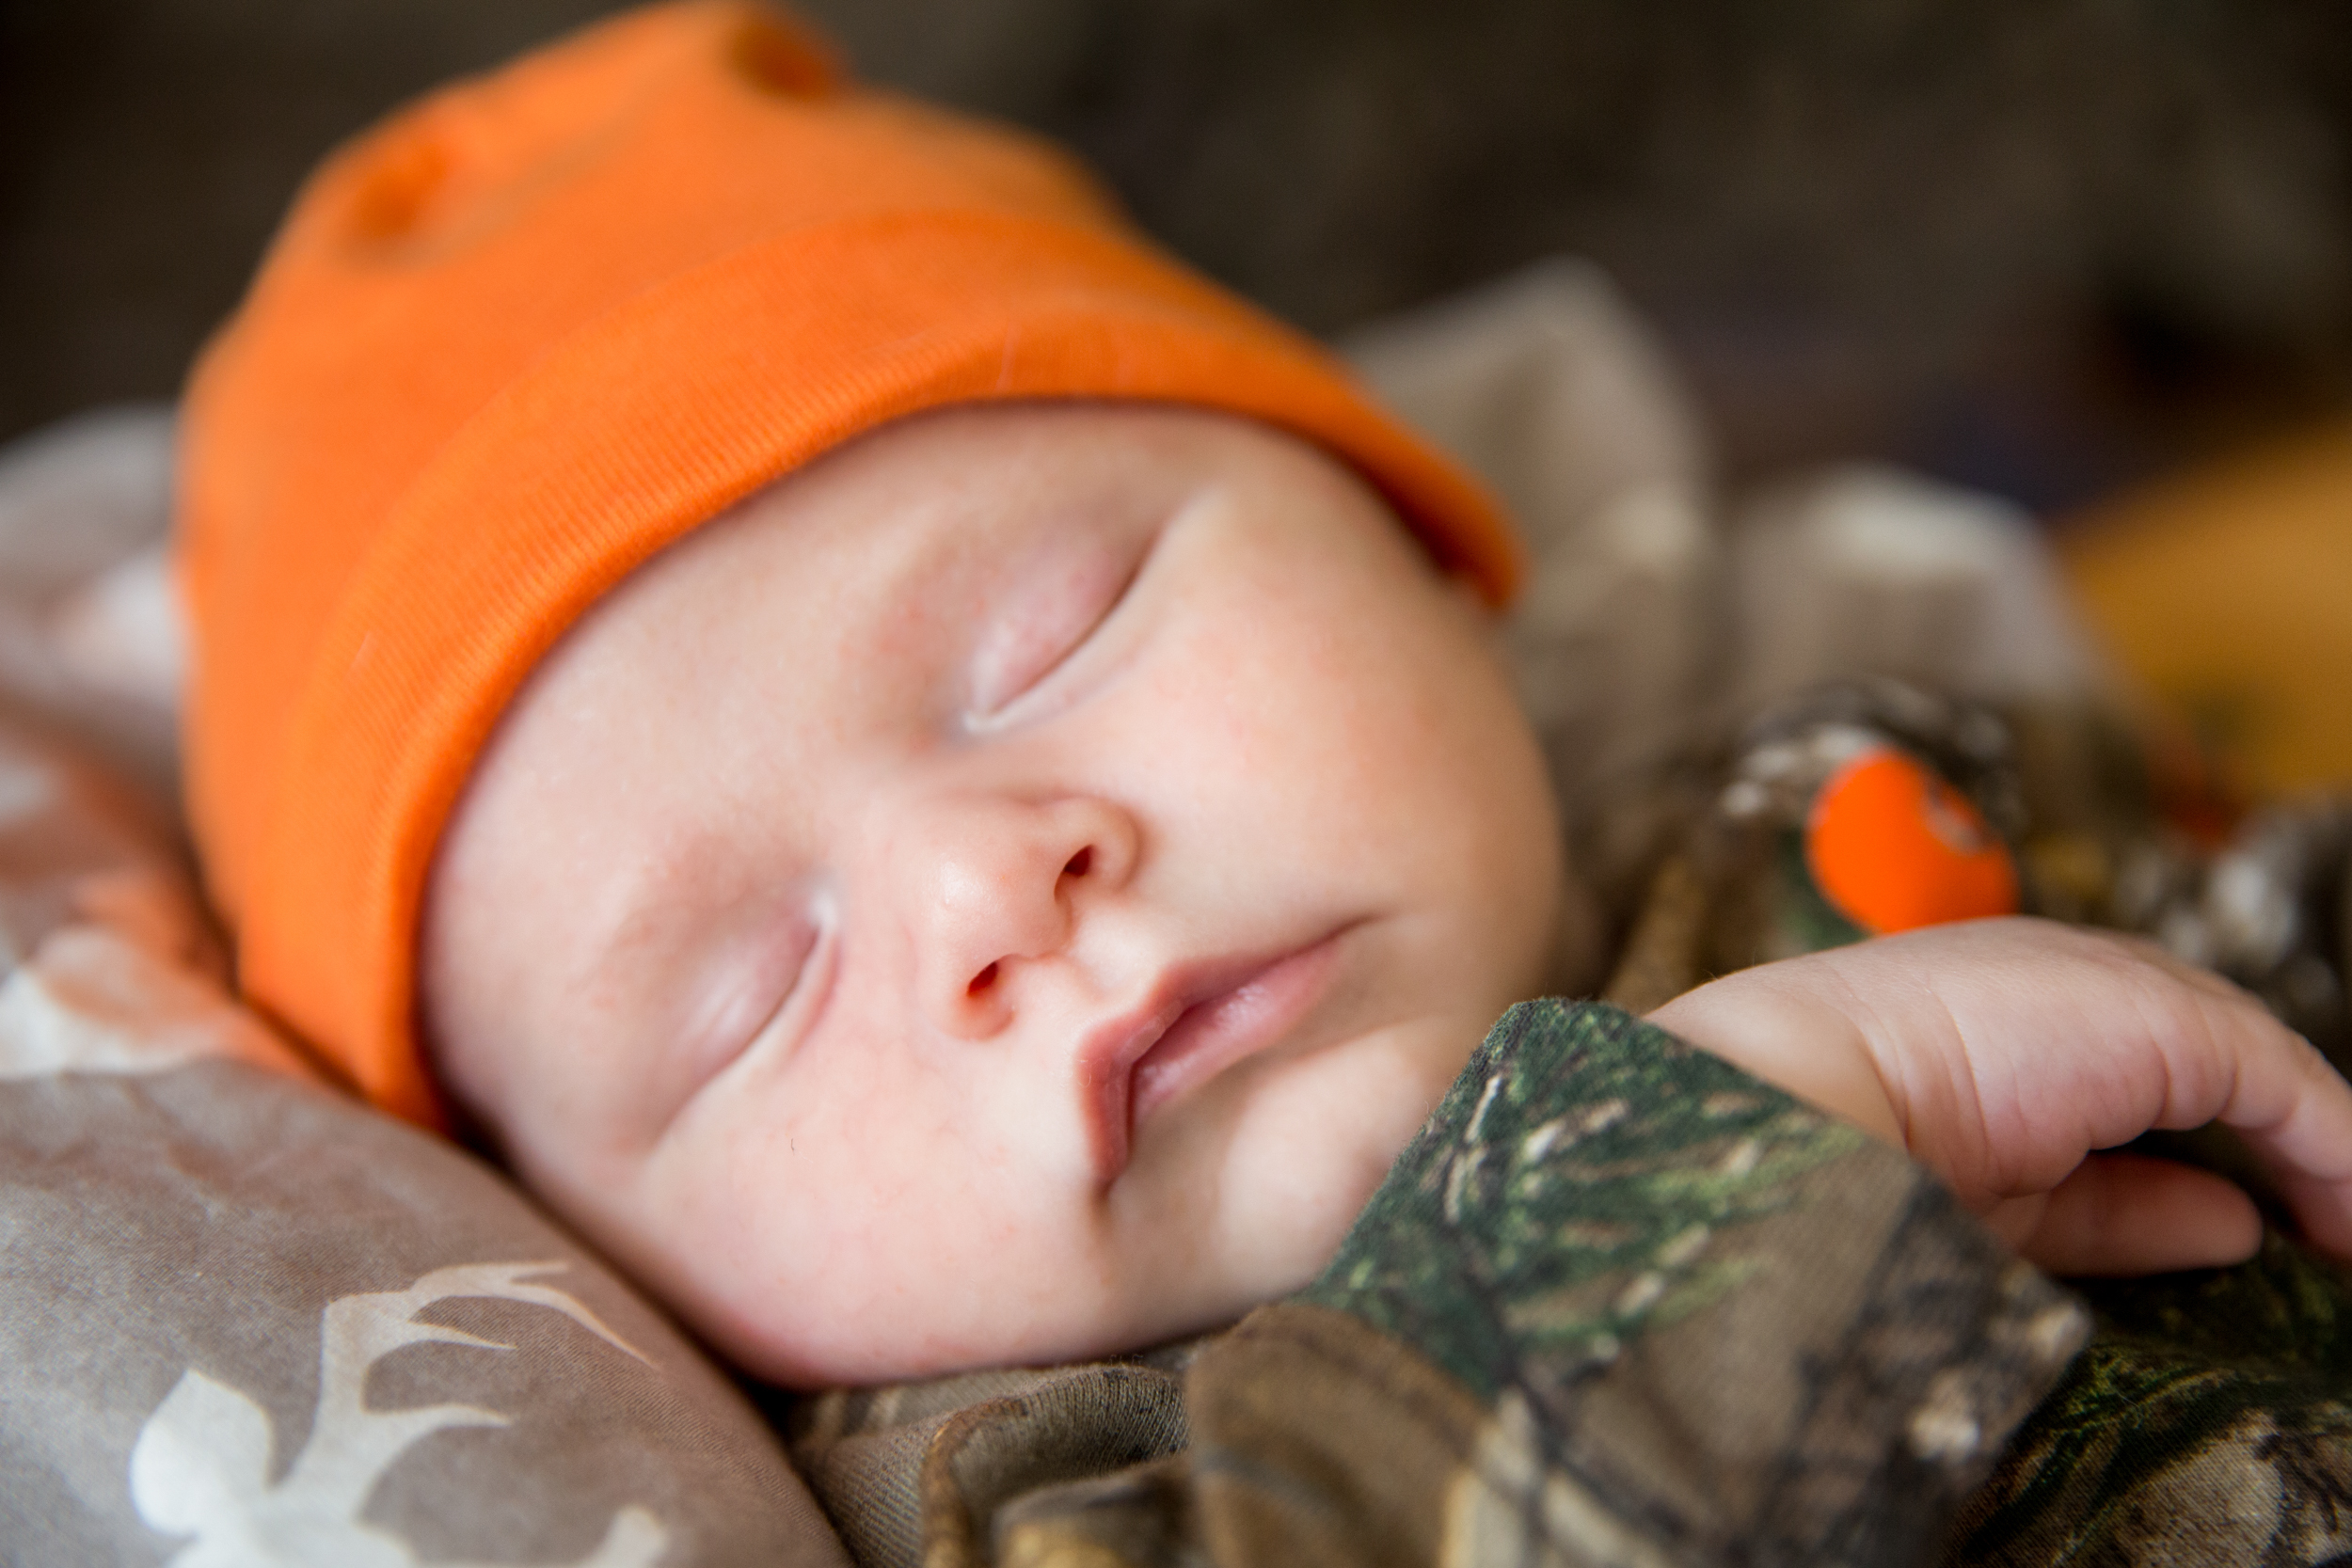 WEB_9-21-17_RhettKrips_Newborn-62.jpg